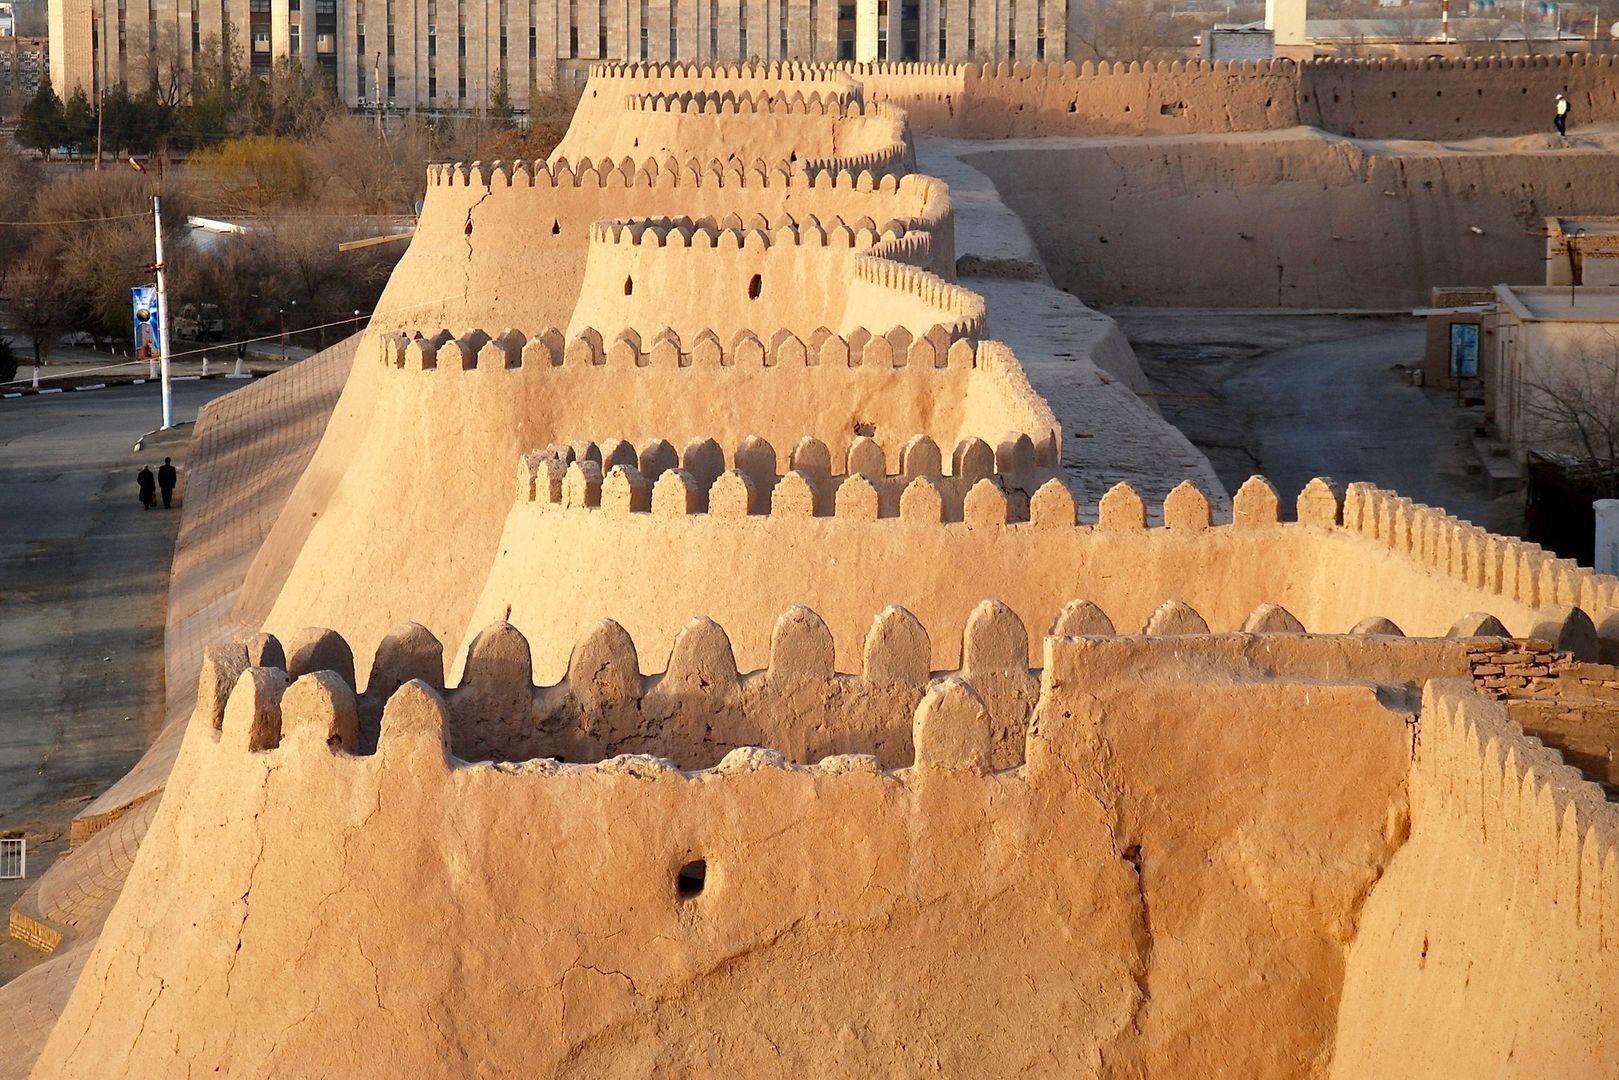 walls of Khiva in Uzbekistan Tour, central asia tour